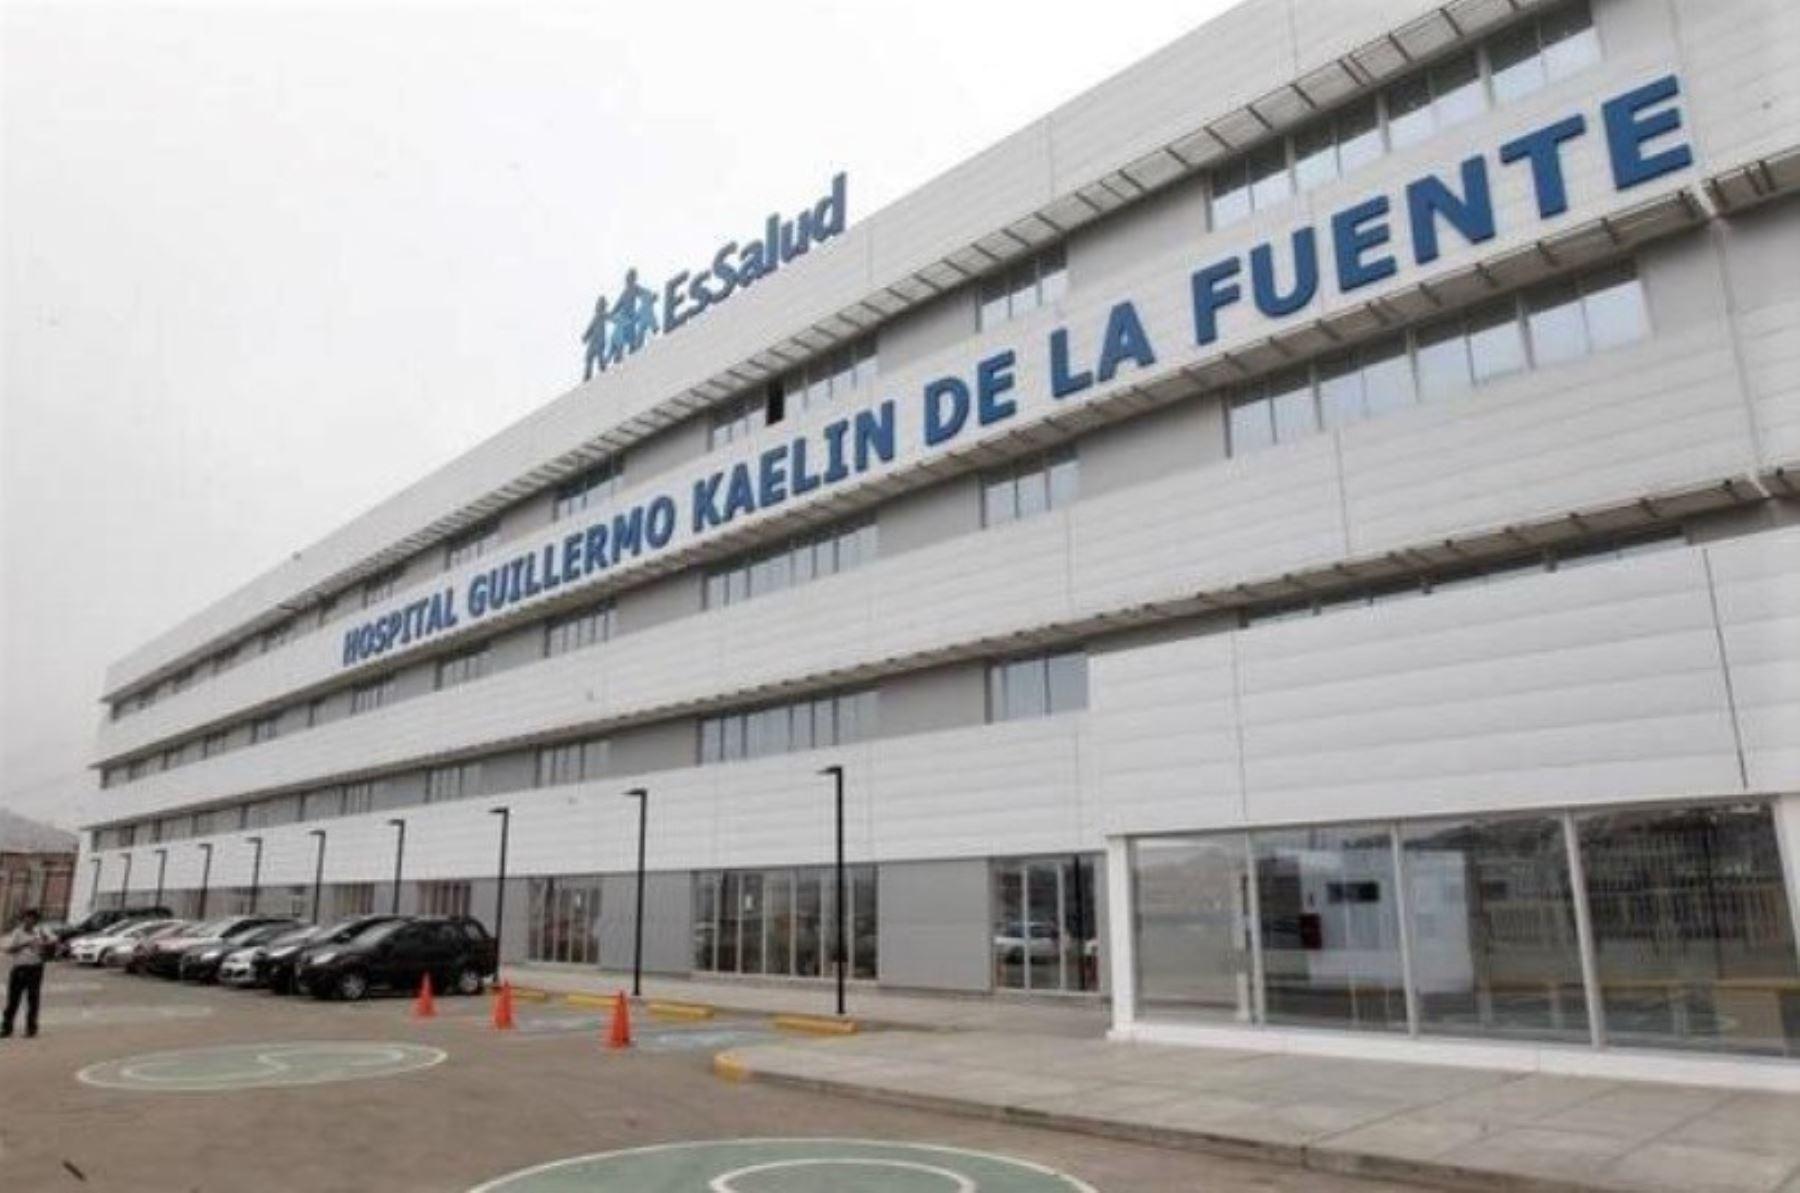 Hospital Guillermo Kaelin de EsSalud, donde permanece internado el llamado